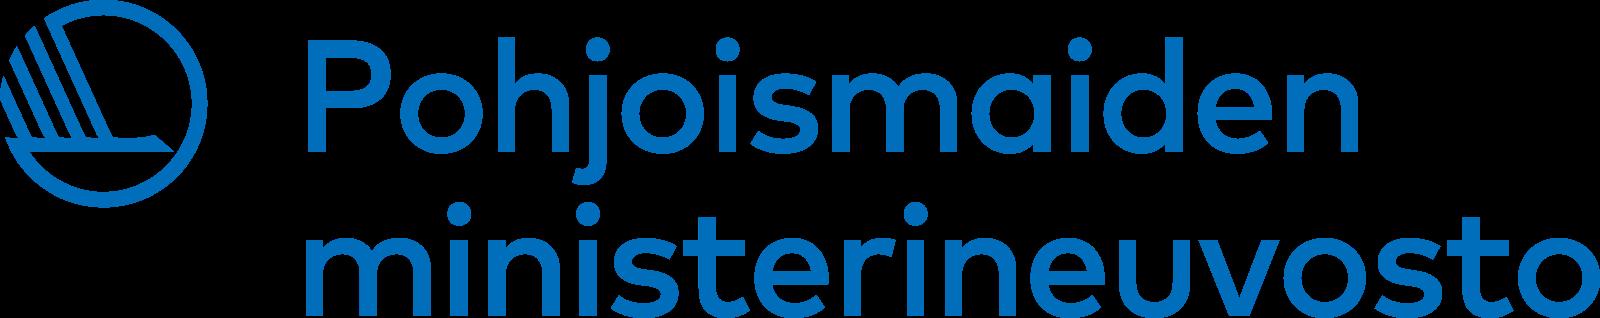 Pohjoismaiden ministerineuvosto